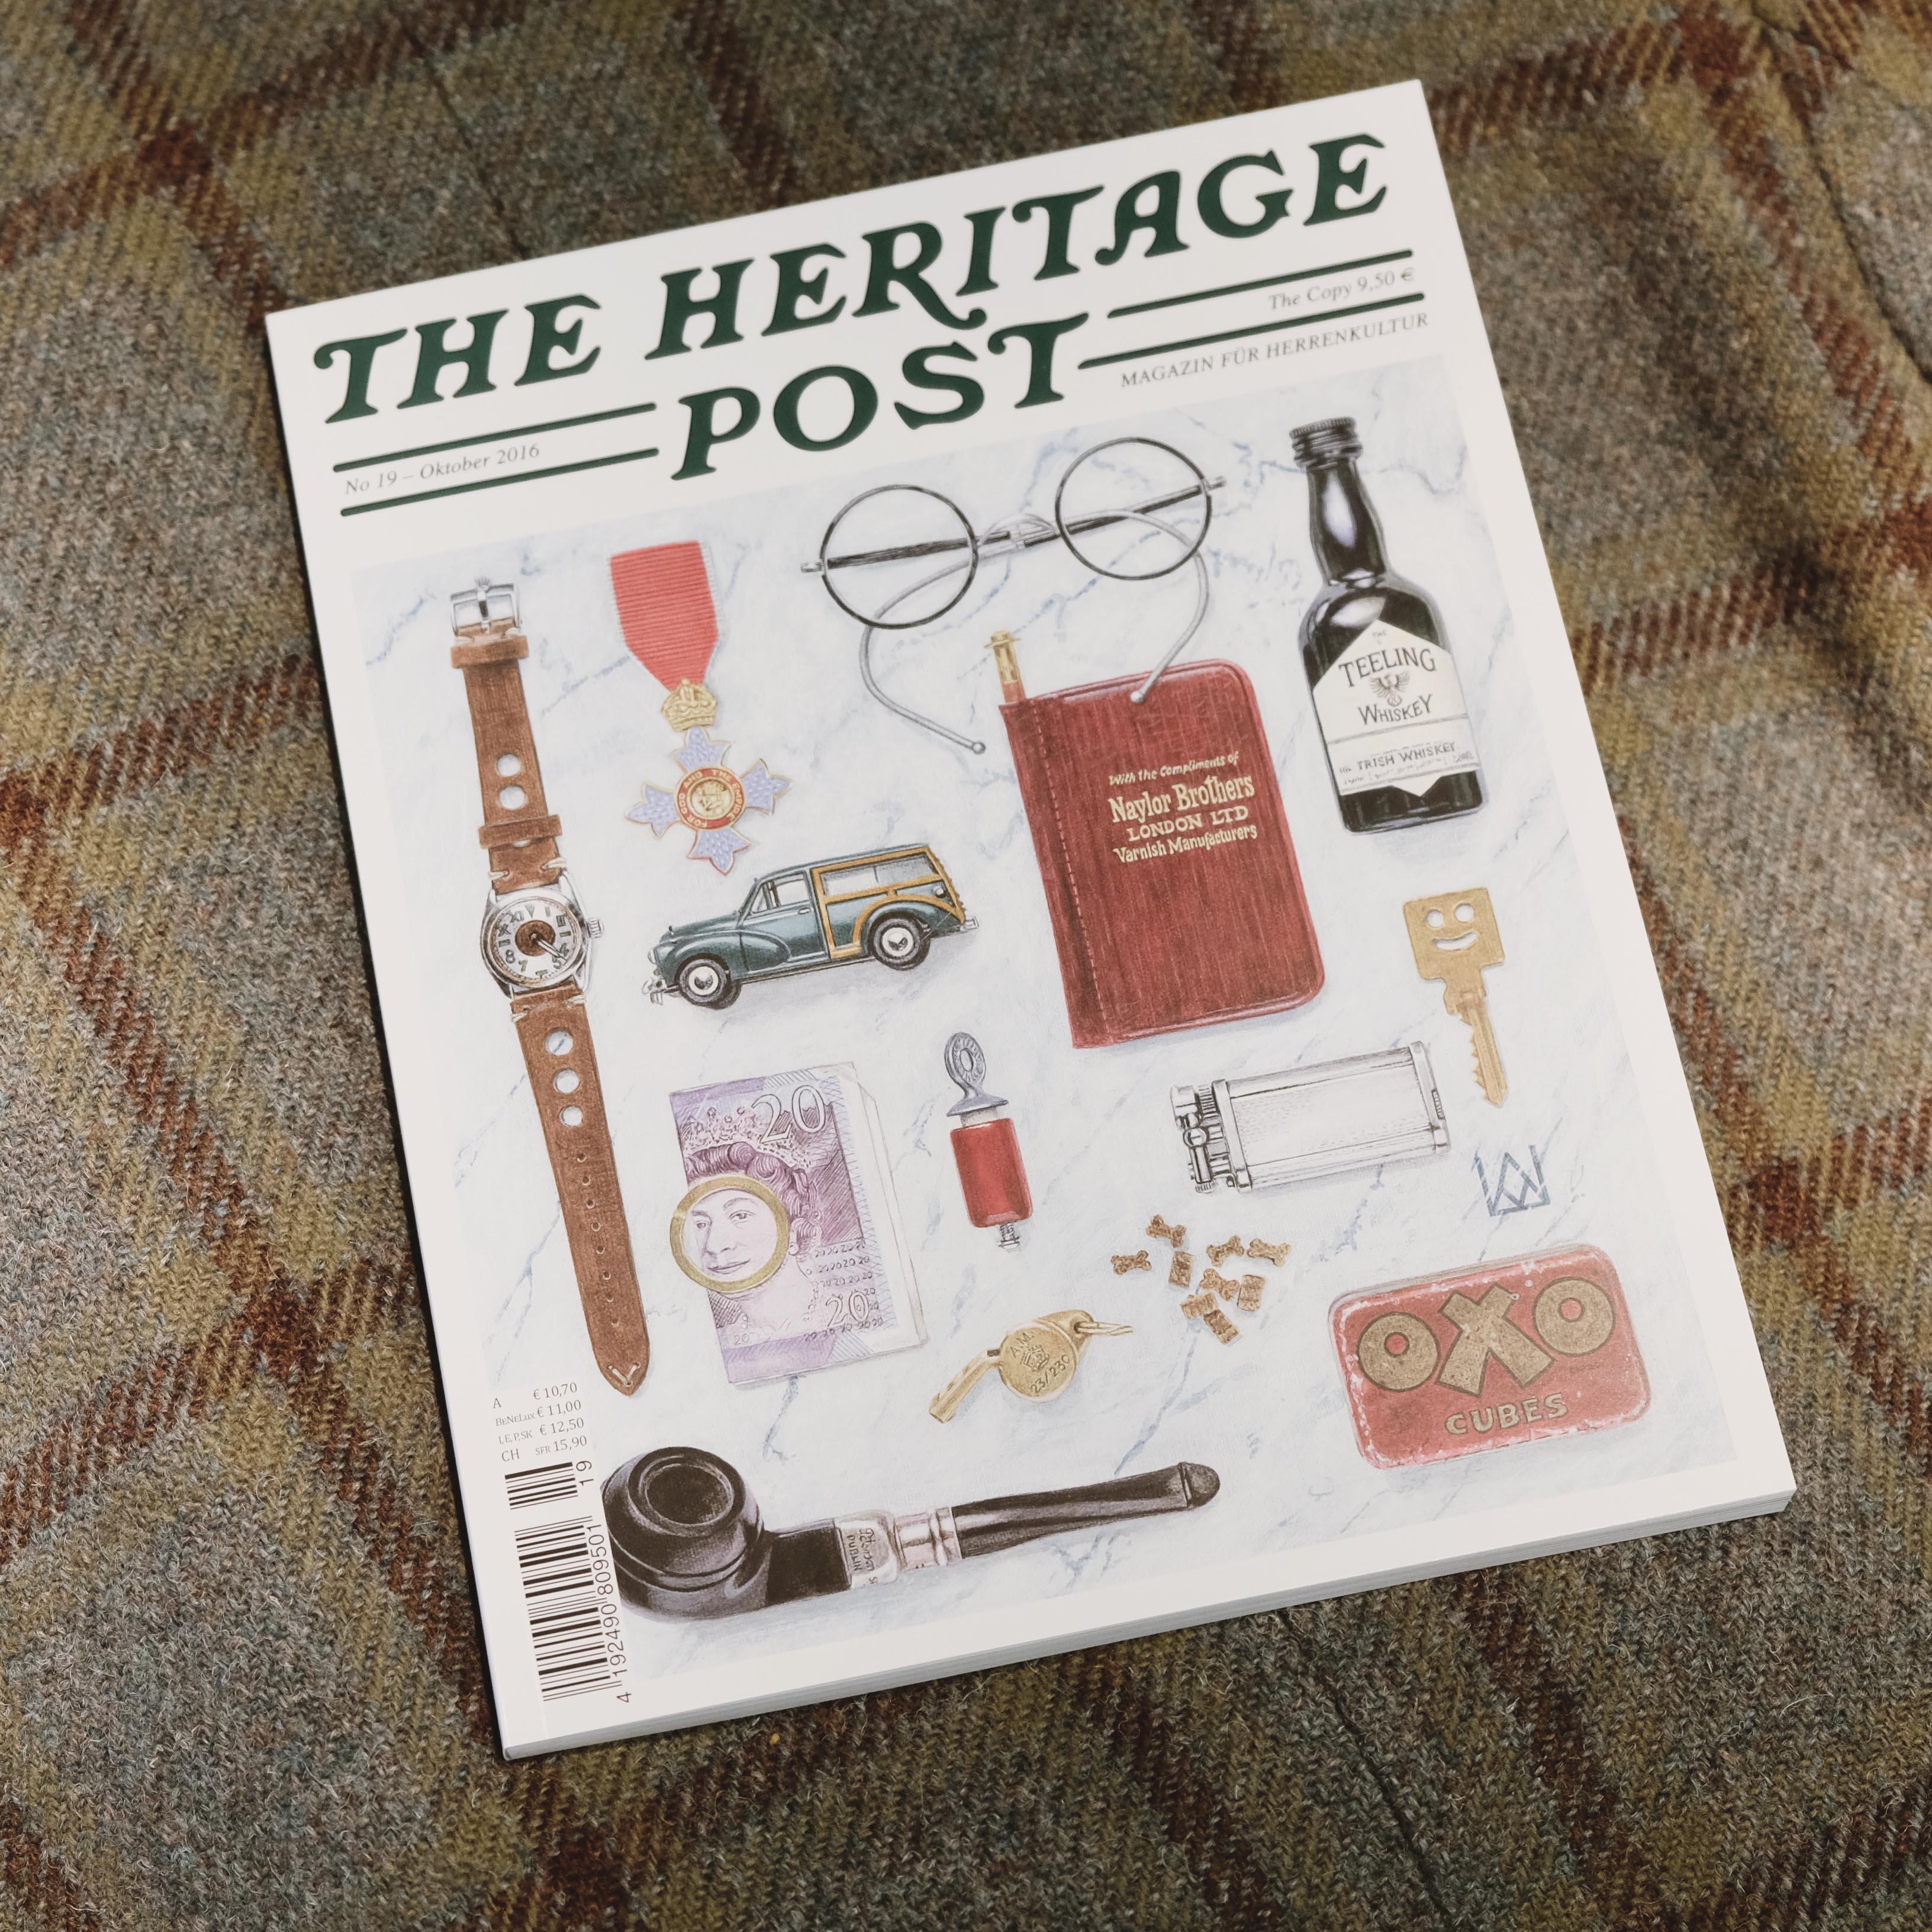 theheritagepost-no19-ausgabe